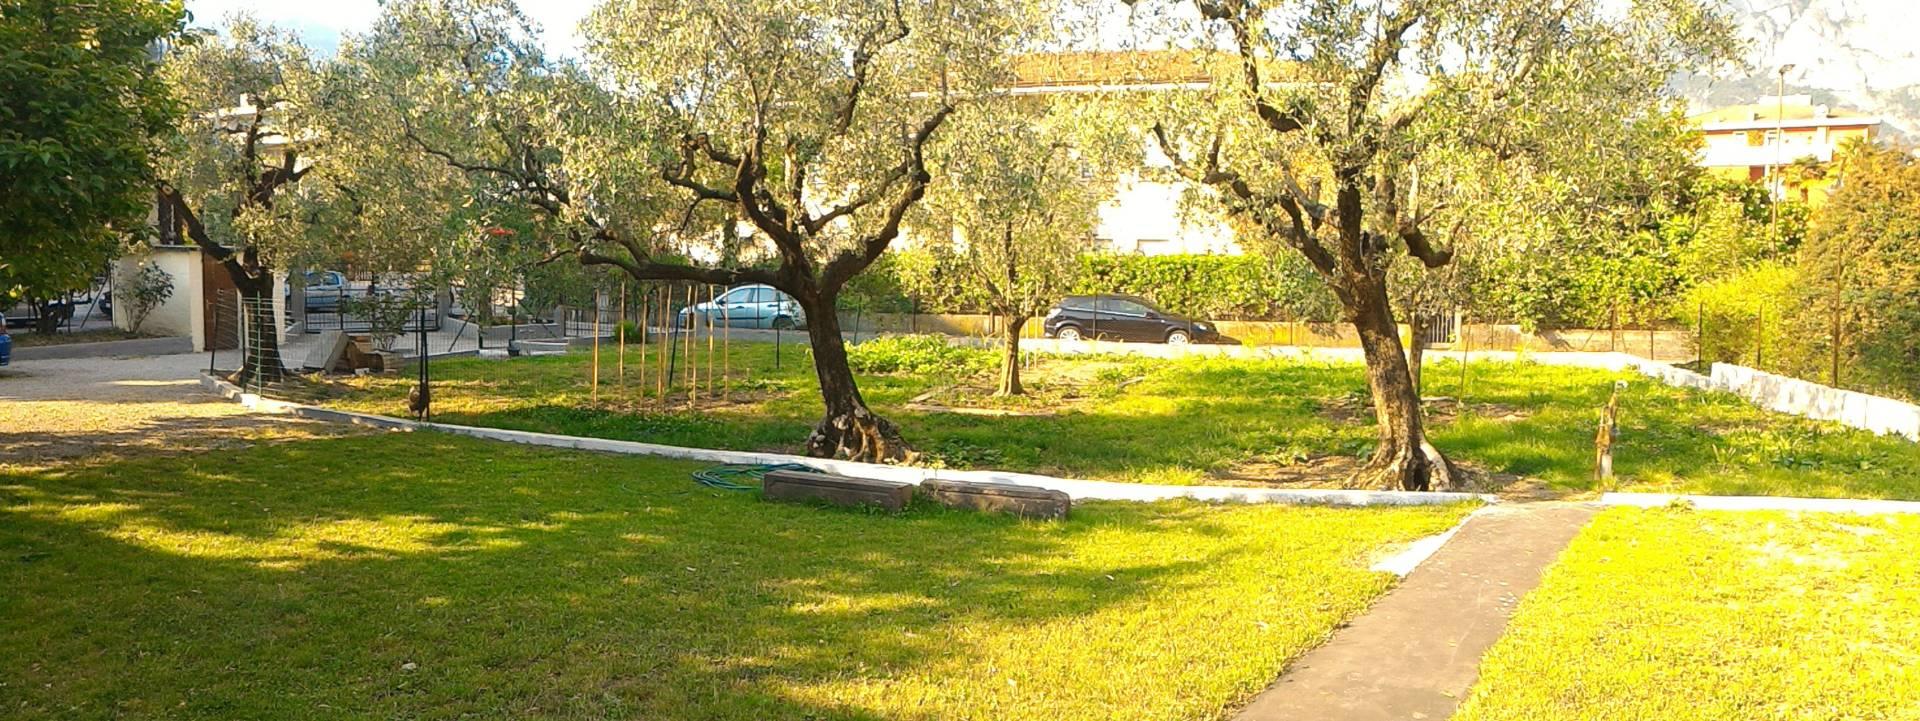 Soluzione Indipendente in vendita a Riva del Garda, 4 locali, zona Zona: Riva, Trattative riservate | Cambio Casa.it